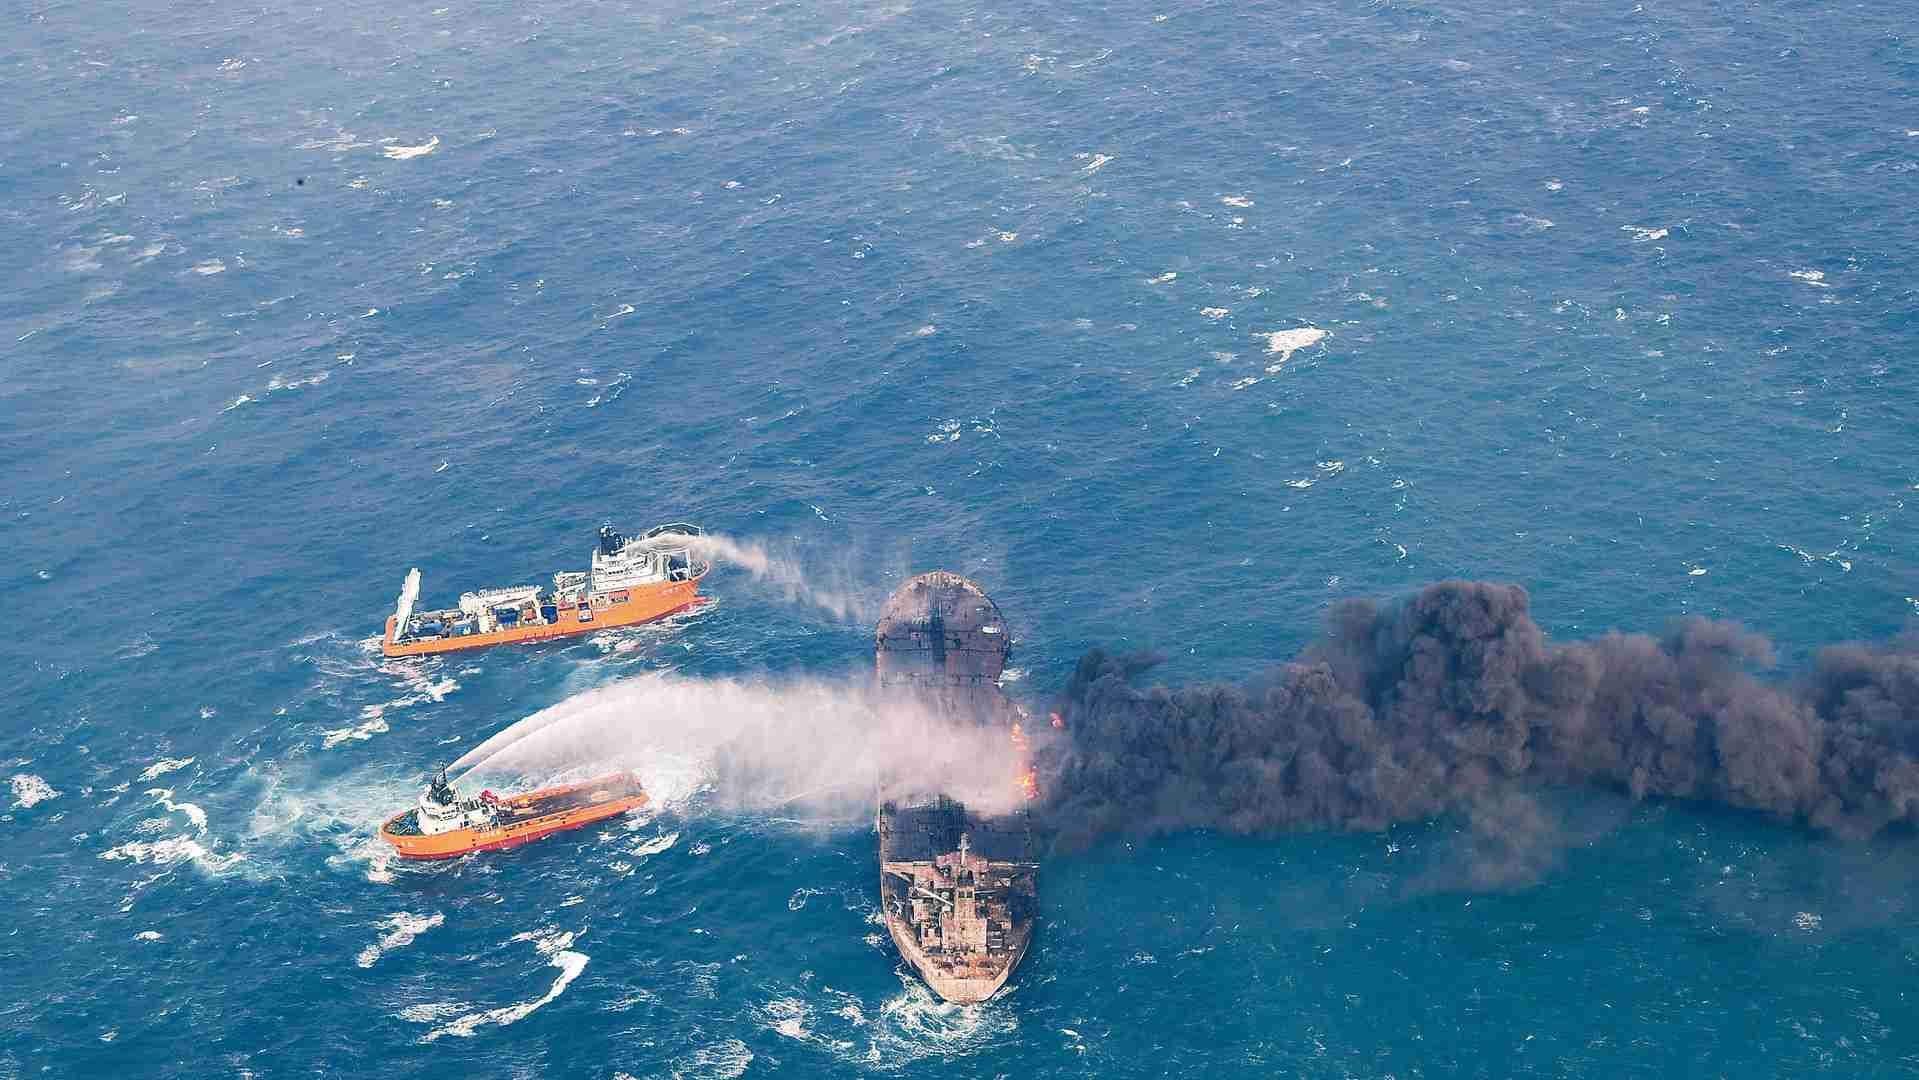 奄美大島沖で大規模な石油流出事故 海洋生態系への影響は?(勝川俊雄) - 個人 - Yahoo!ニュース